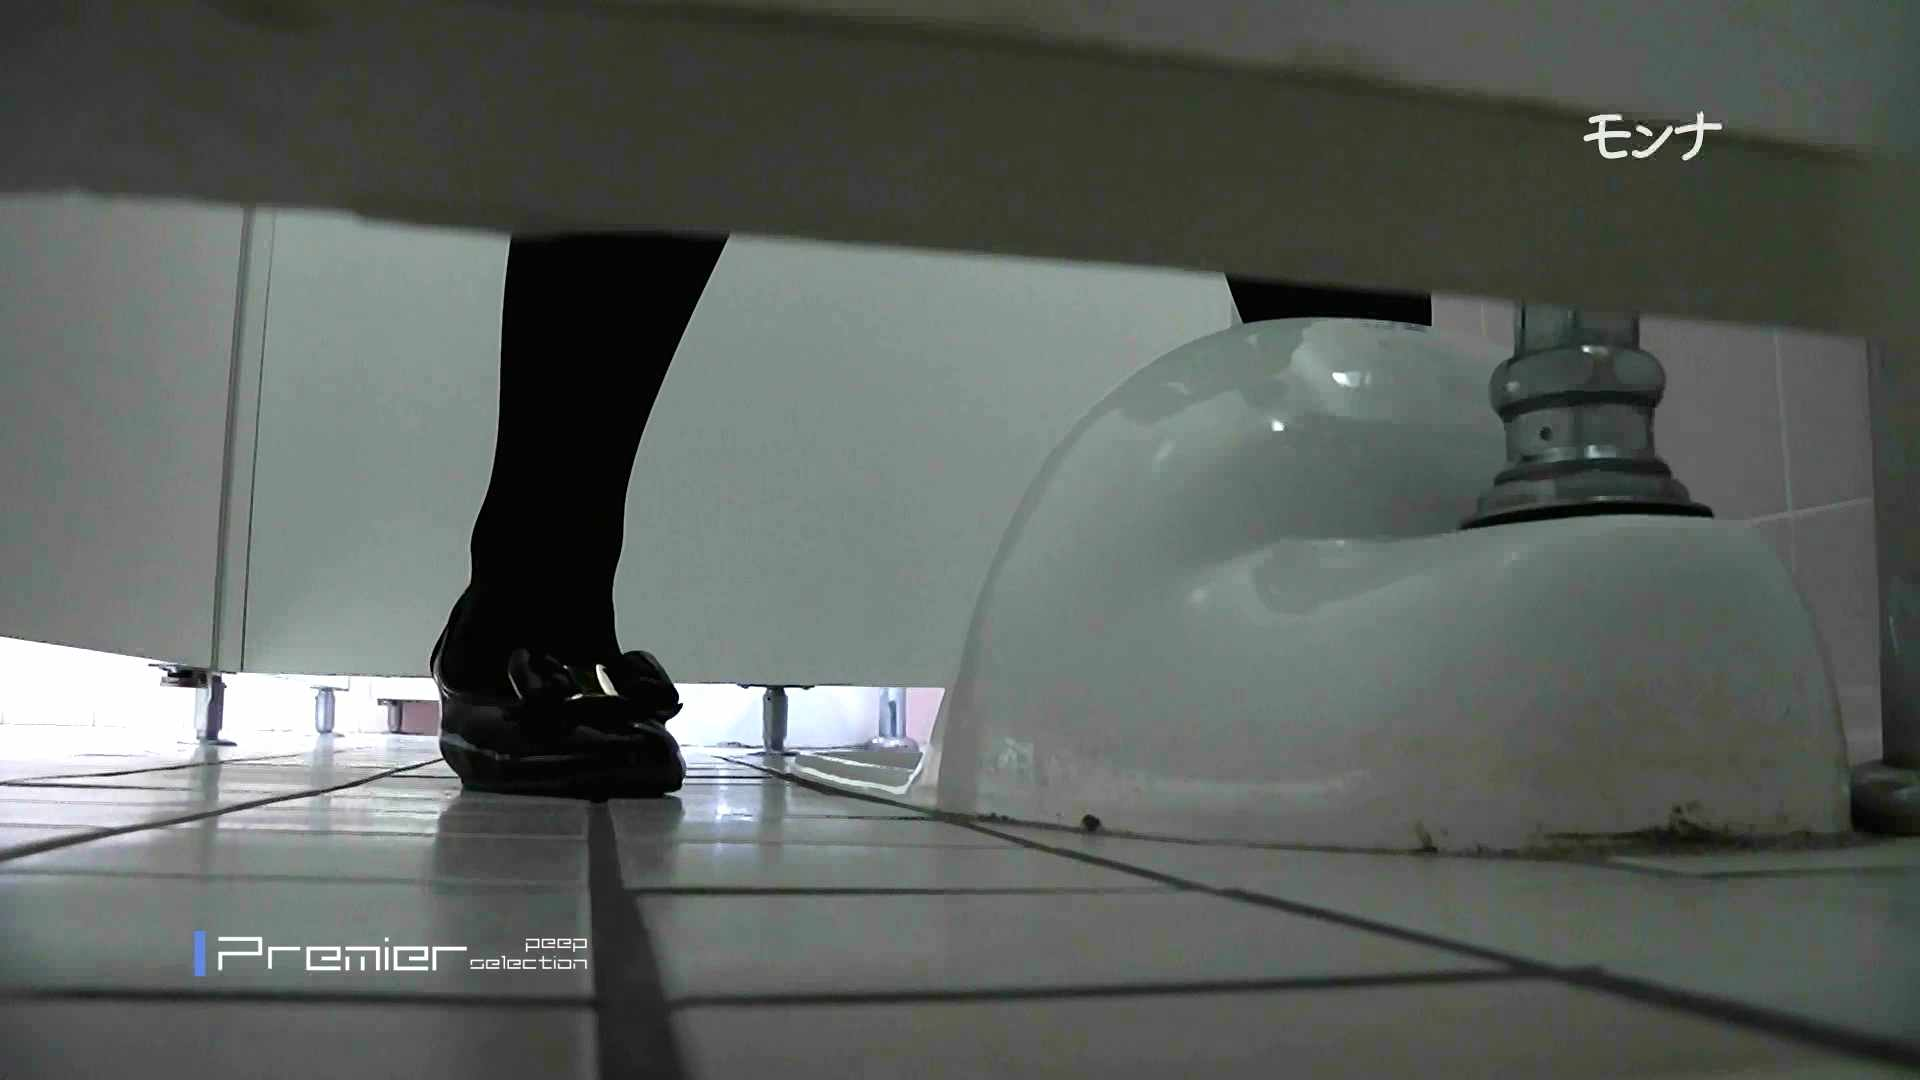 遂に!!戸田恵梨香似の予告モデル登場ダッシュで「大」 盗撮 | ギャルの実態  105pic 94